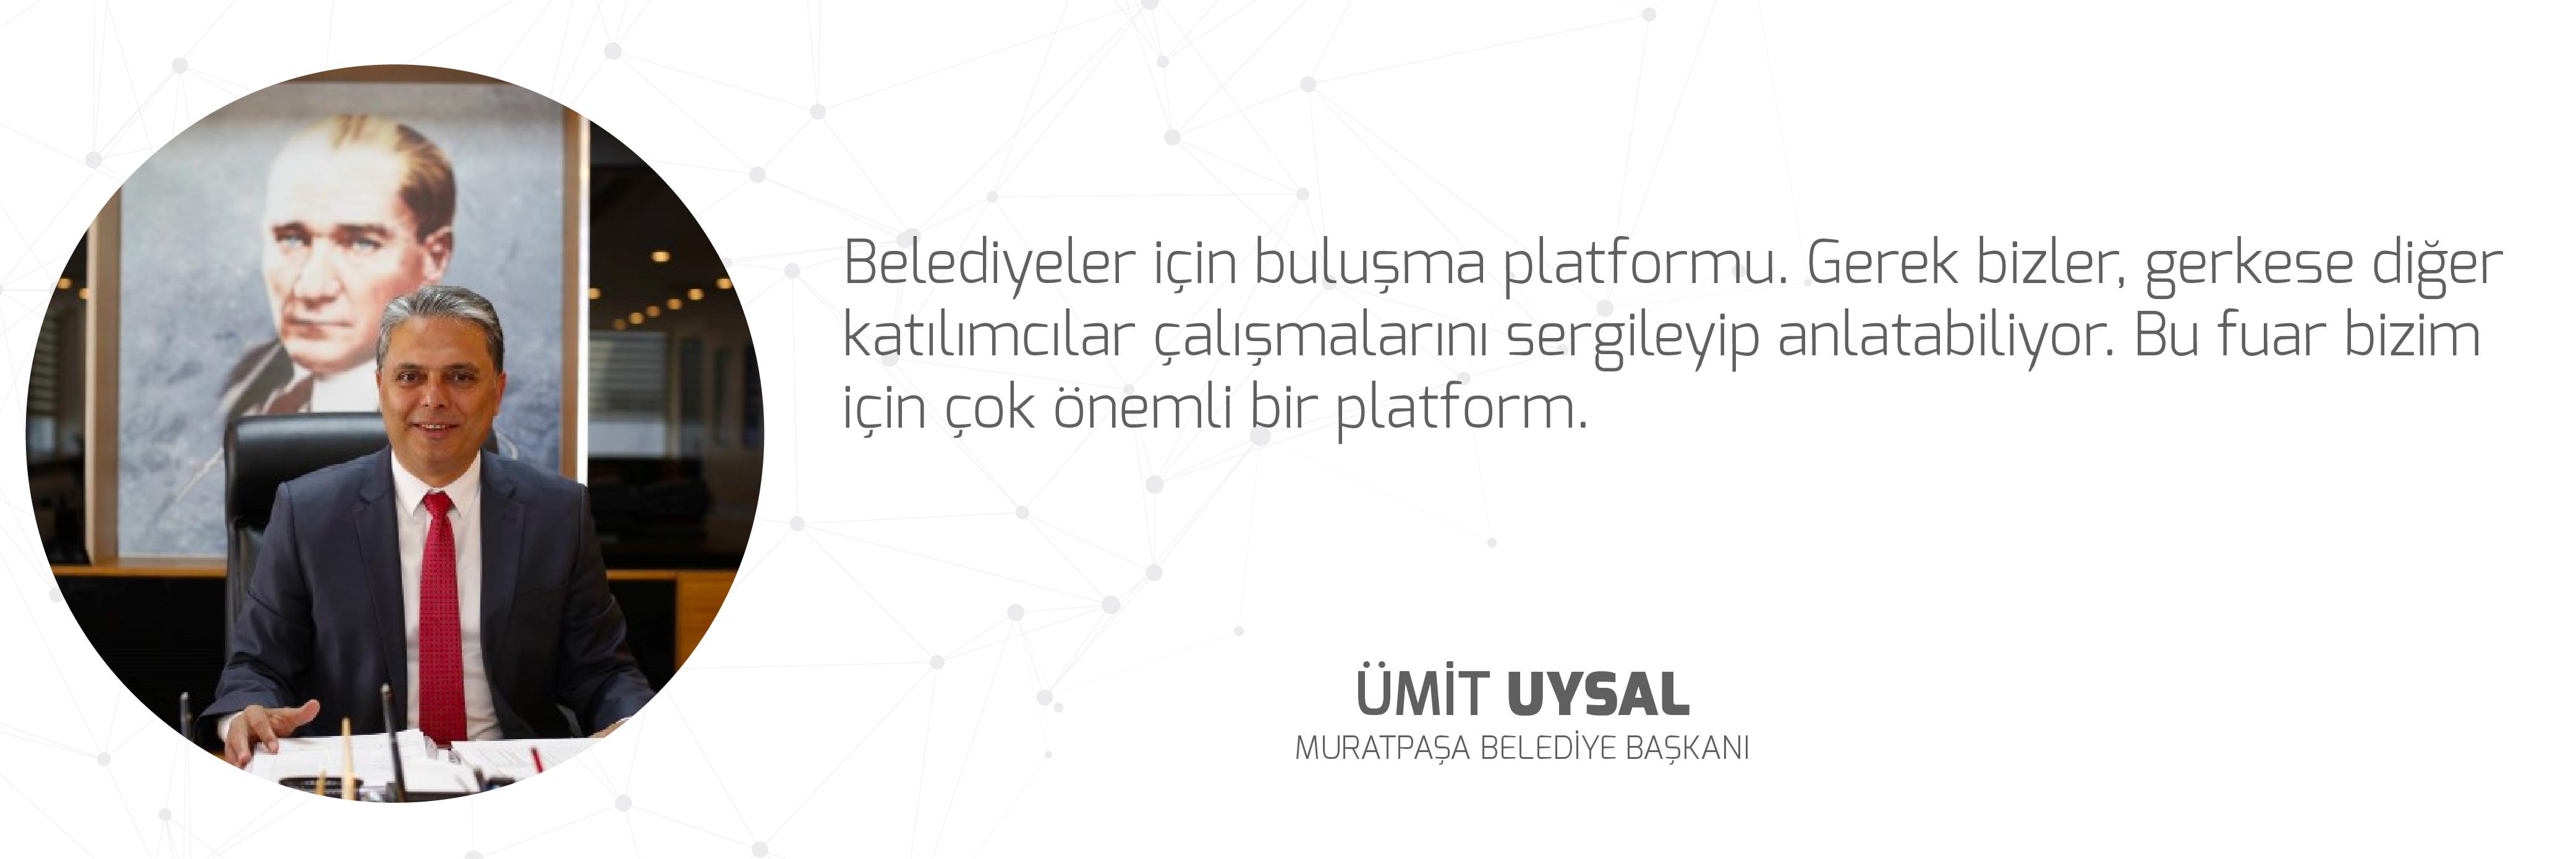 umit_uysal